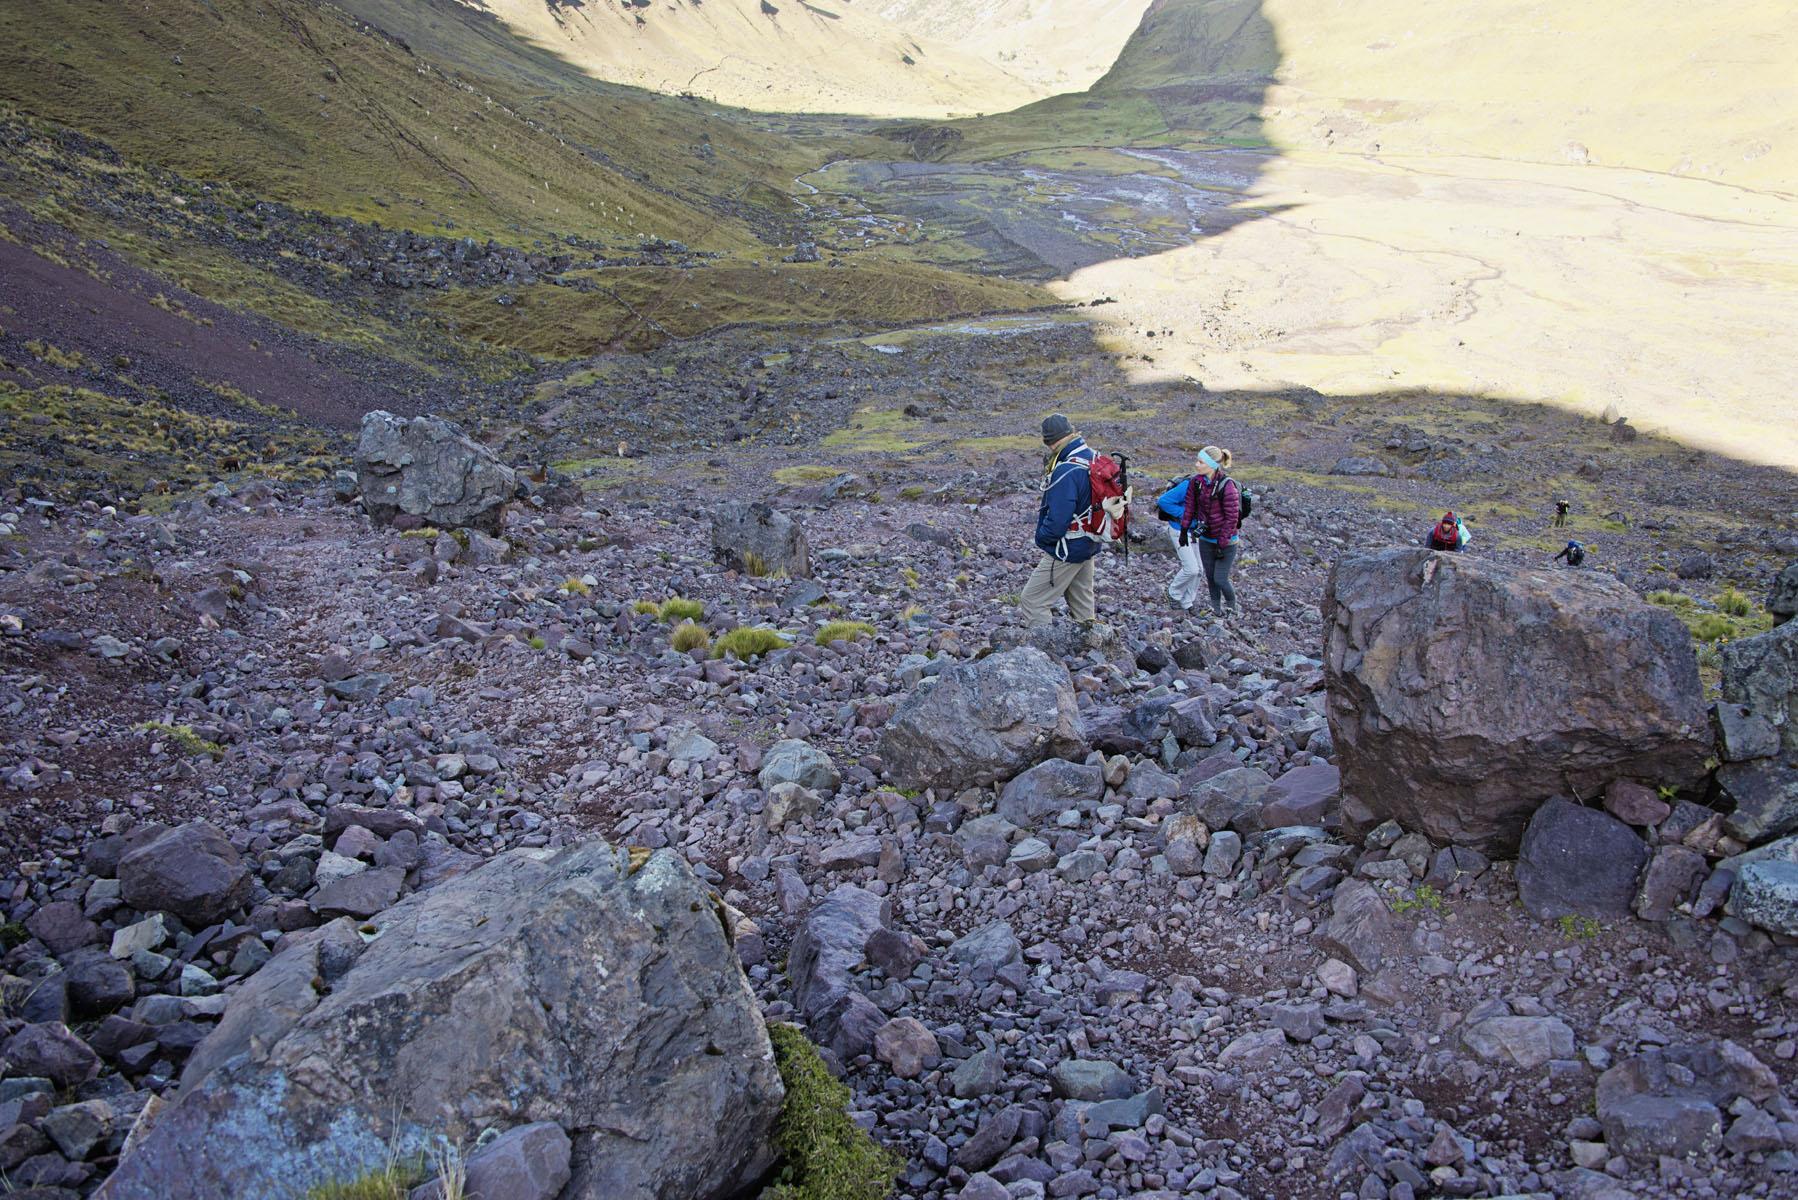 219-Peru-5-15_web.jpg